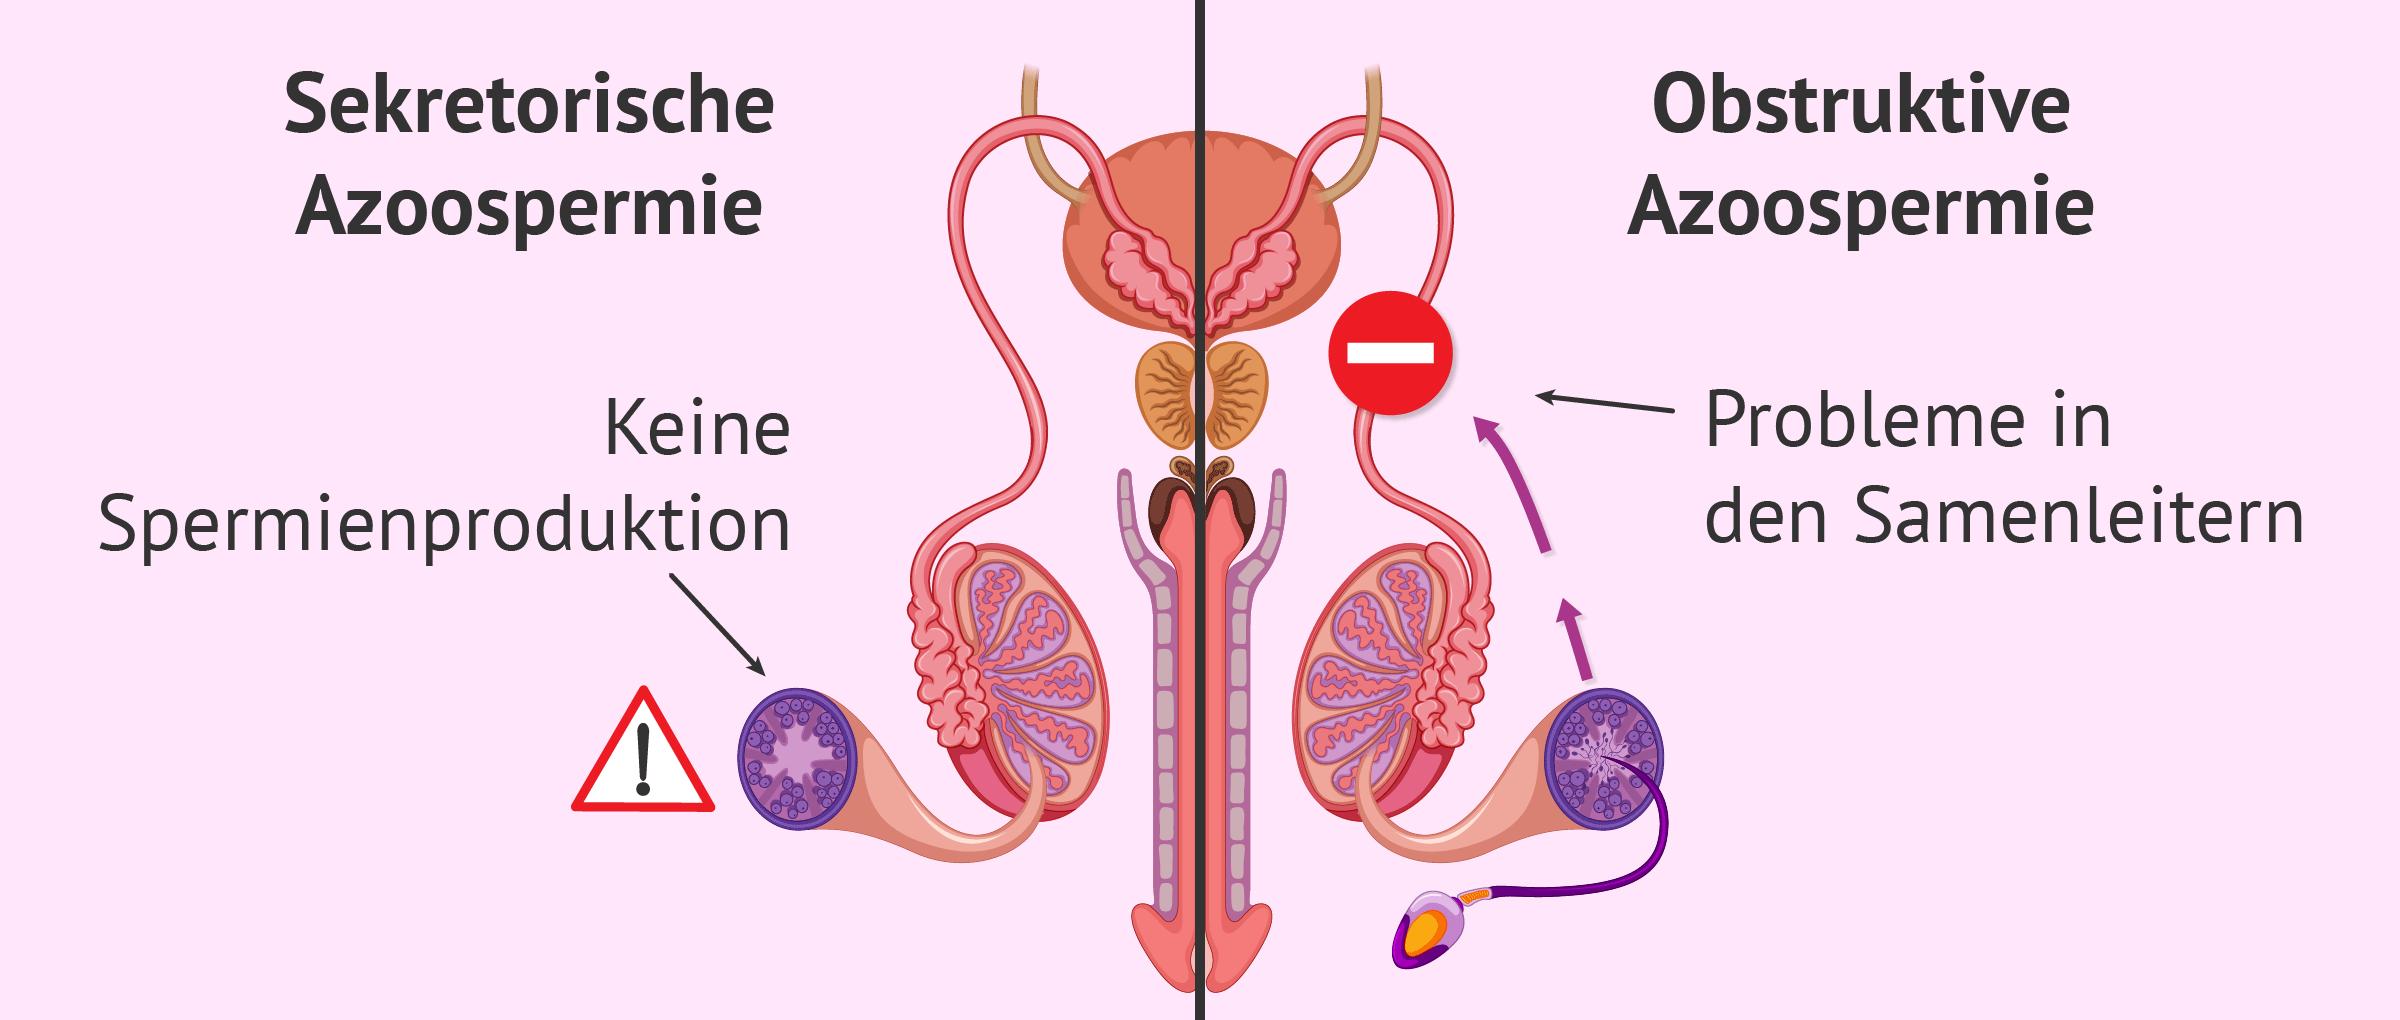 Die Azoospermie